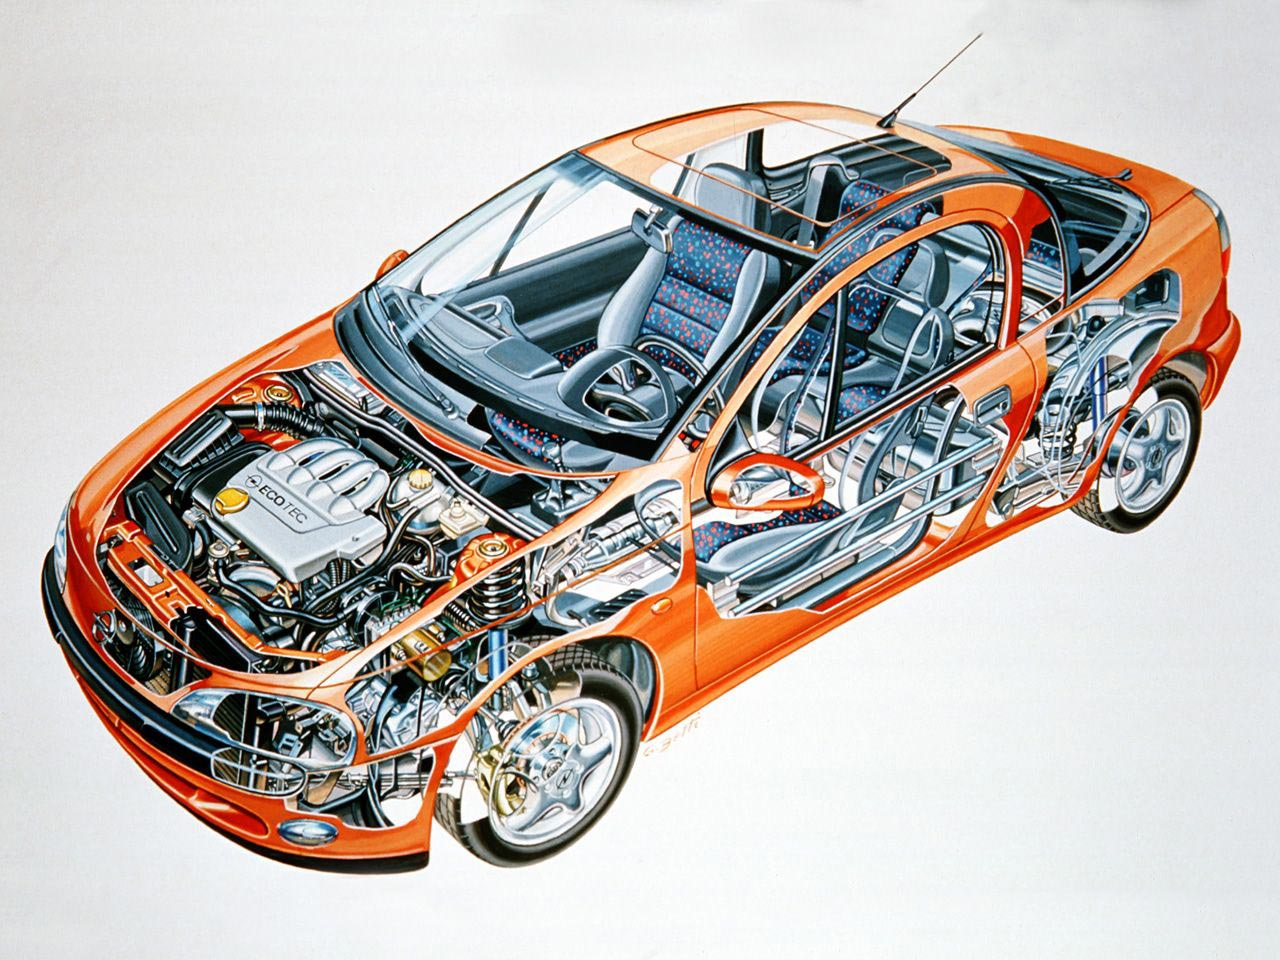 Opel Tigra cutaway drawing